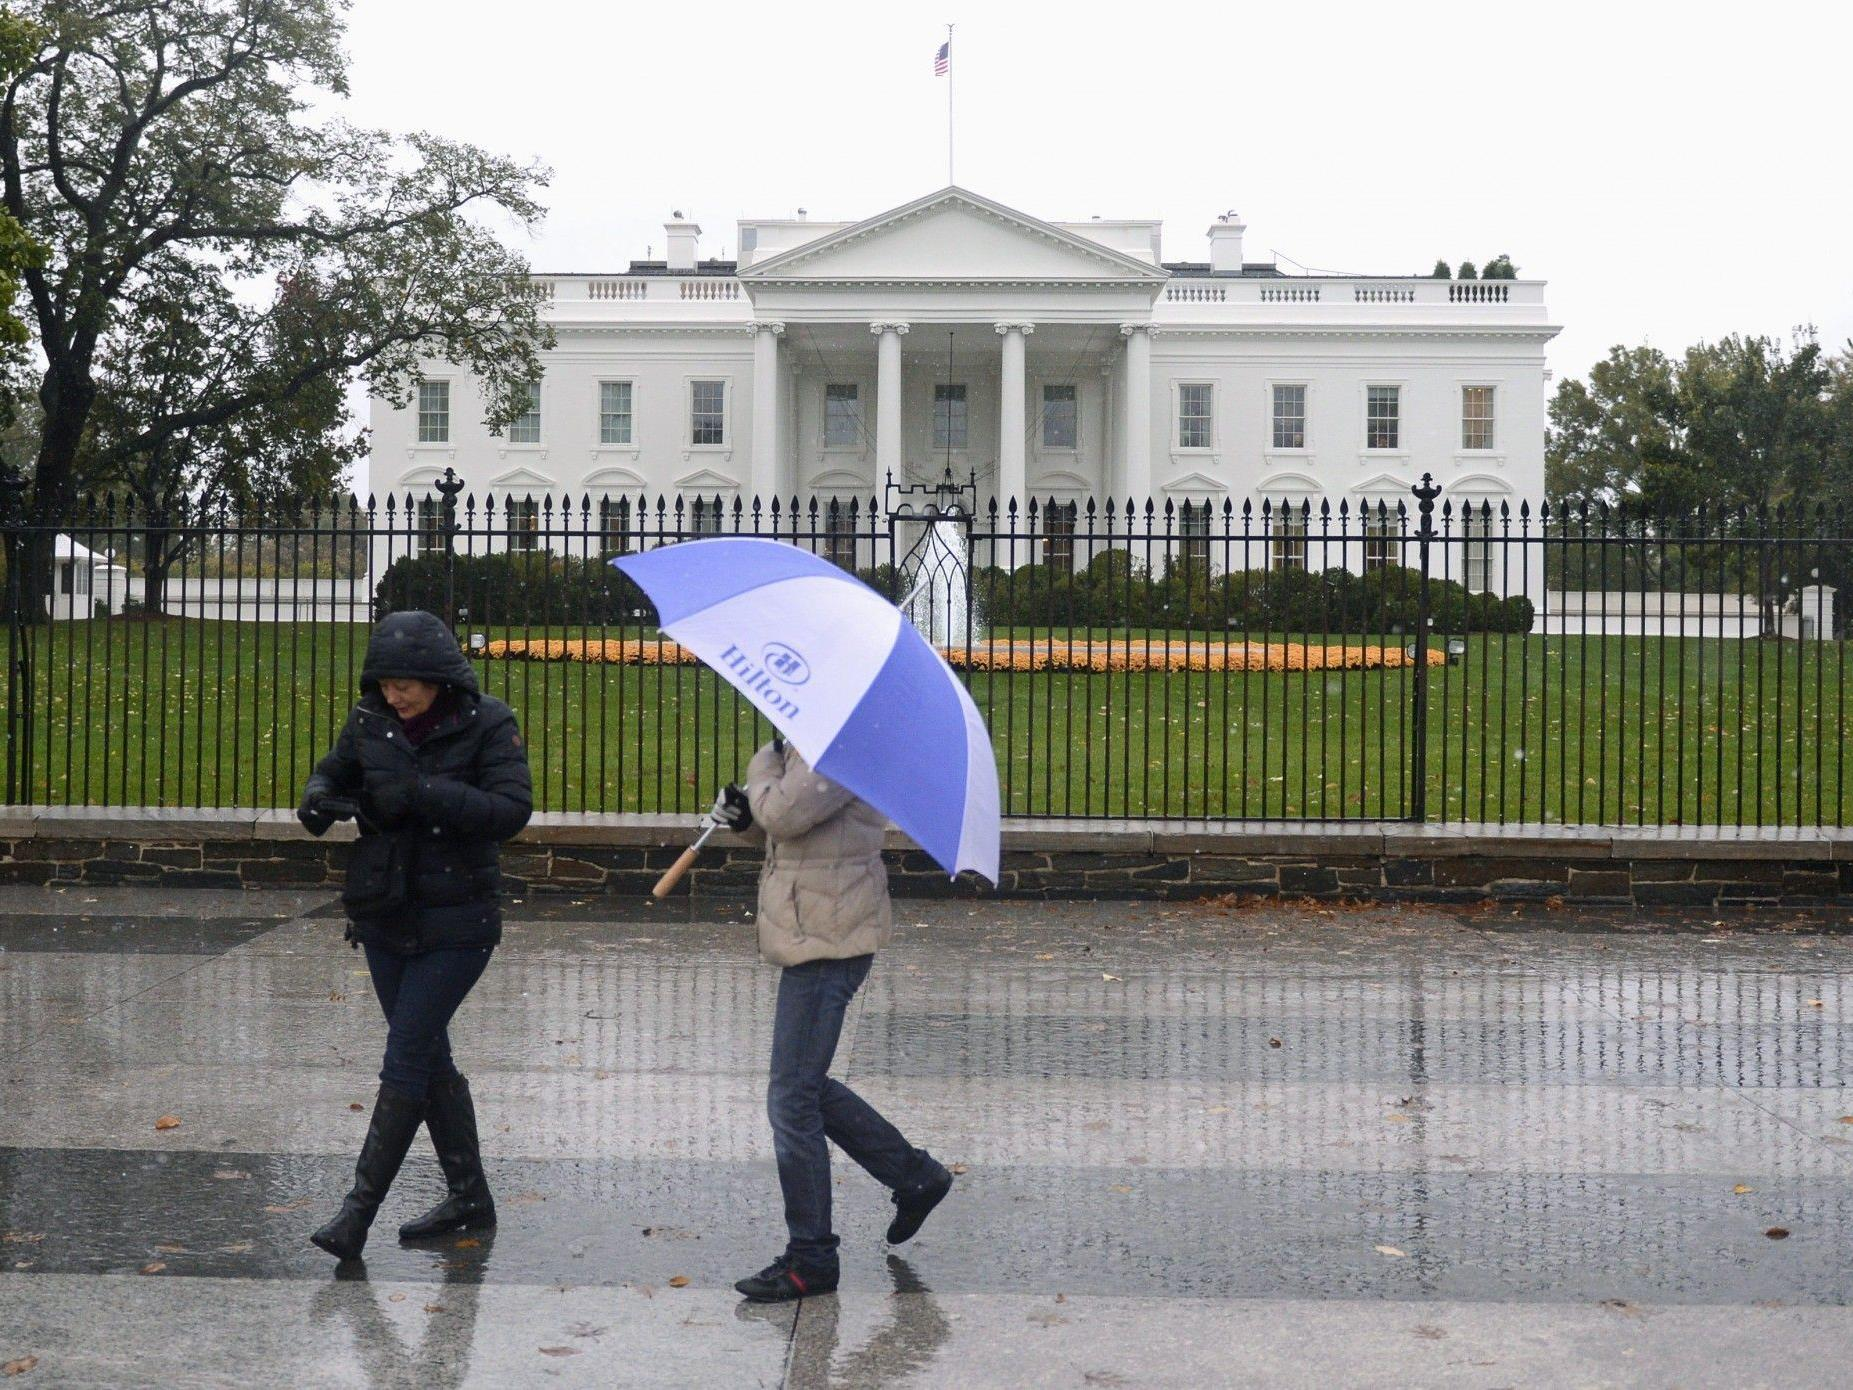 das Weiße Haus muss gegen Rezension kämpfen: 2013 laufen viele Steuerentlastungen aus.